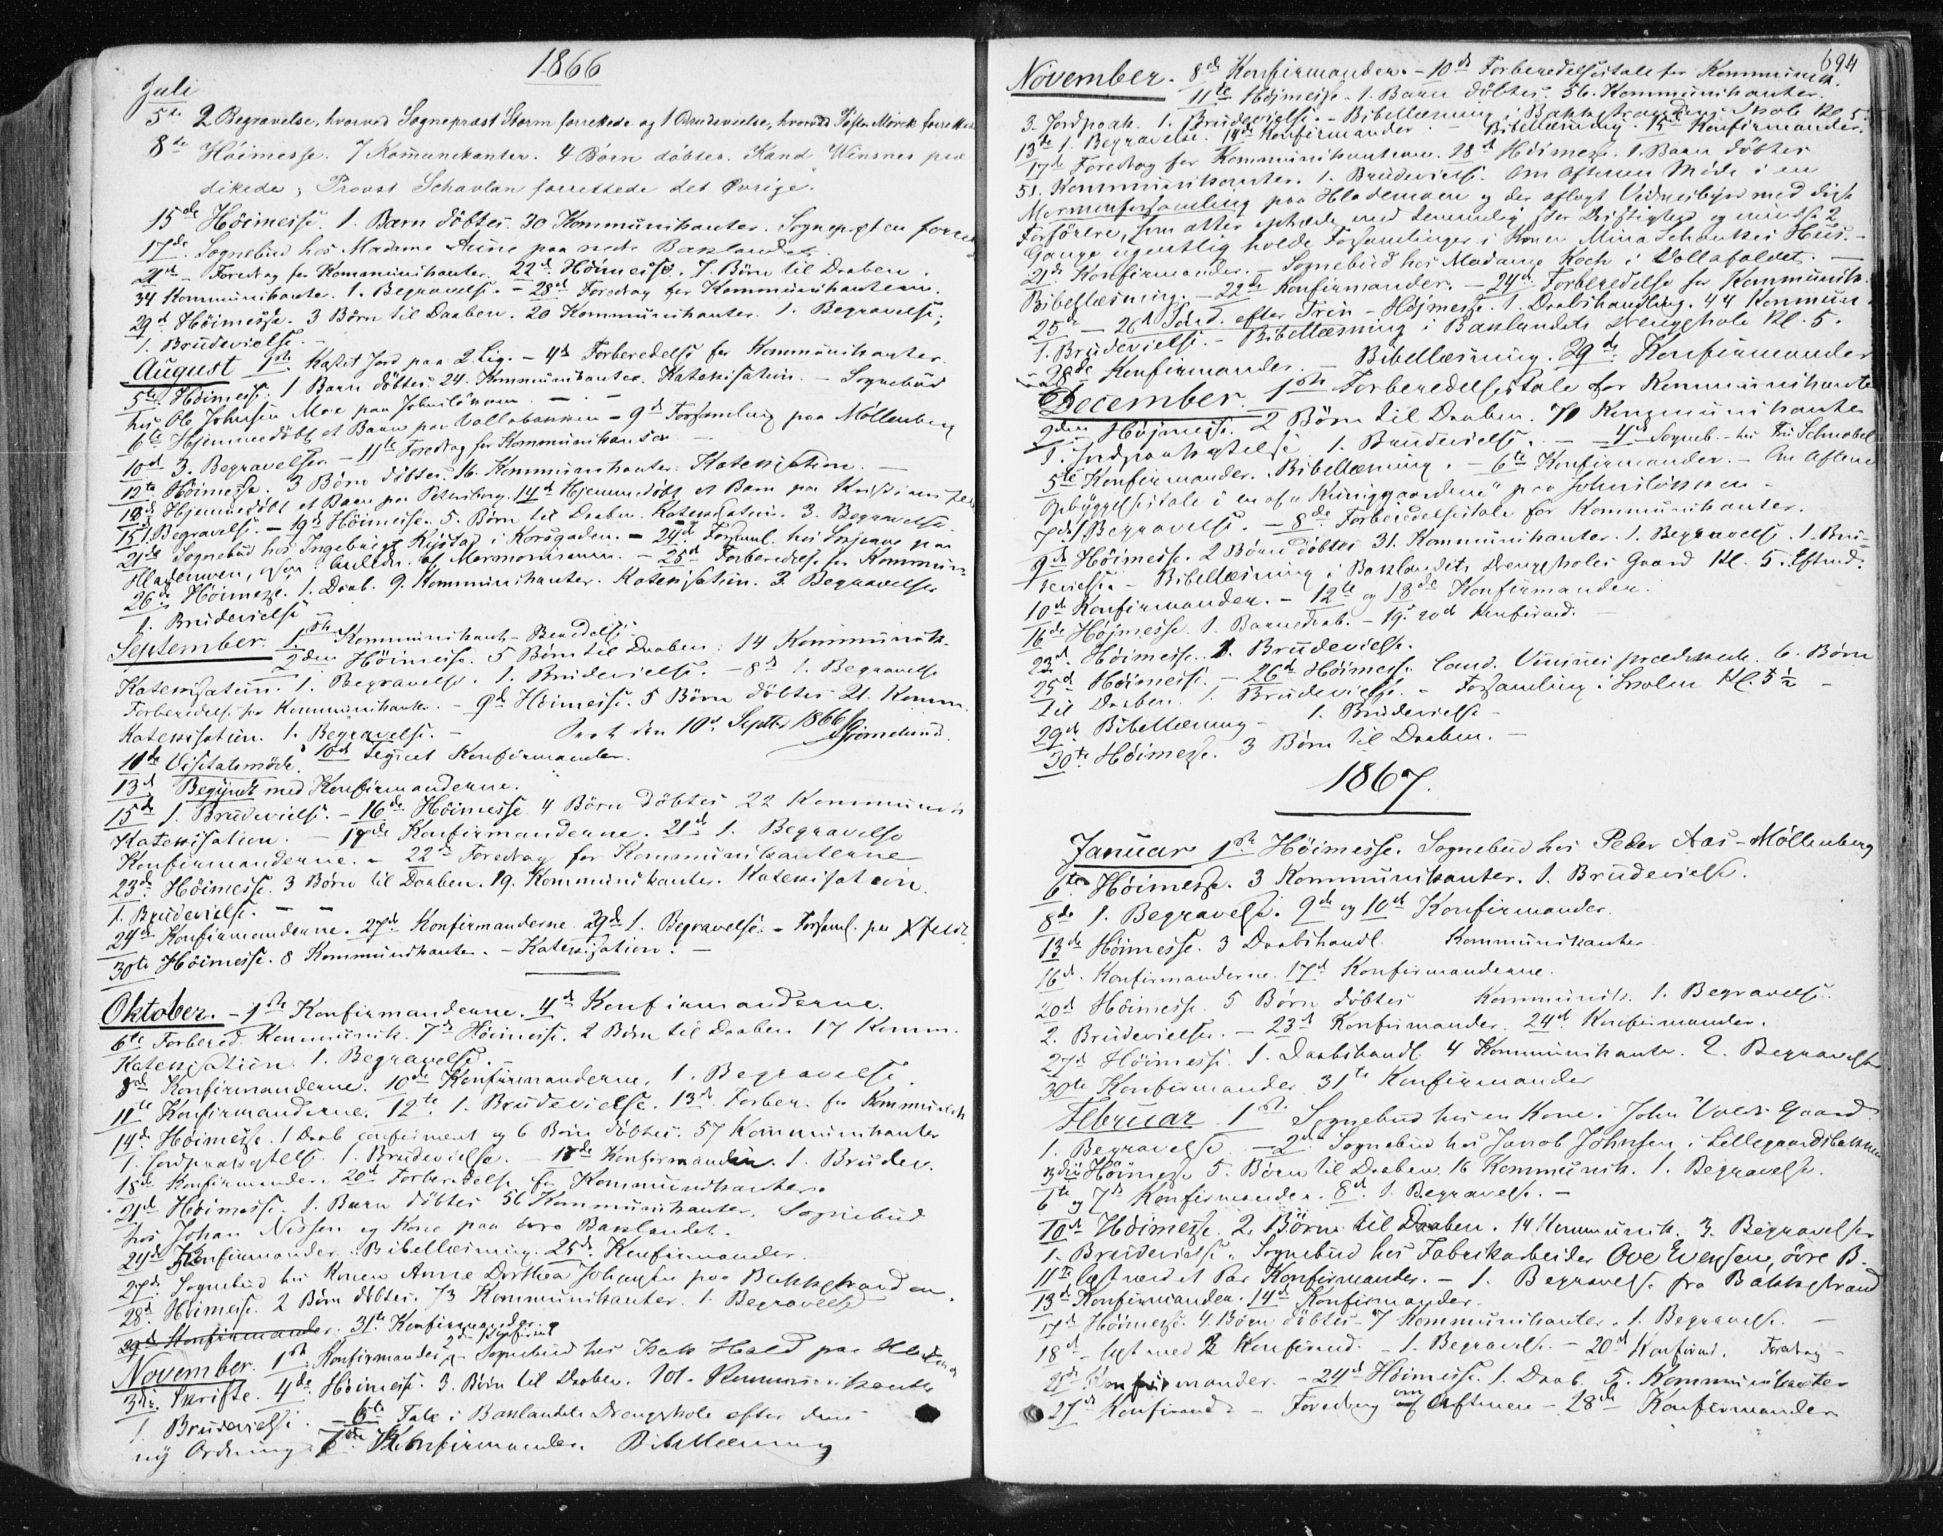 SAT, Ministerialprotokoller, klokkerbøker og fødselsregistre - Sør-Trøndelag, 604/L0186: Ministerialbok nr. 604A07, 1866-1877, s. 694